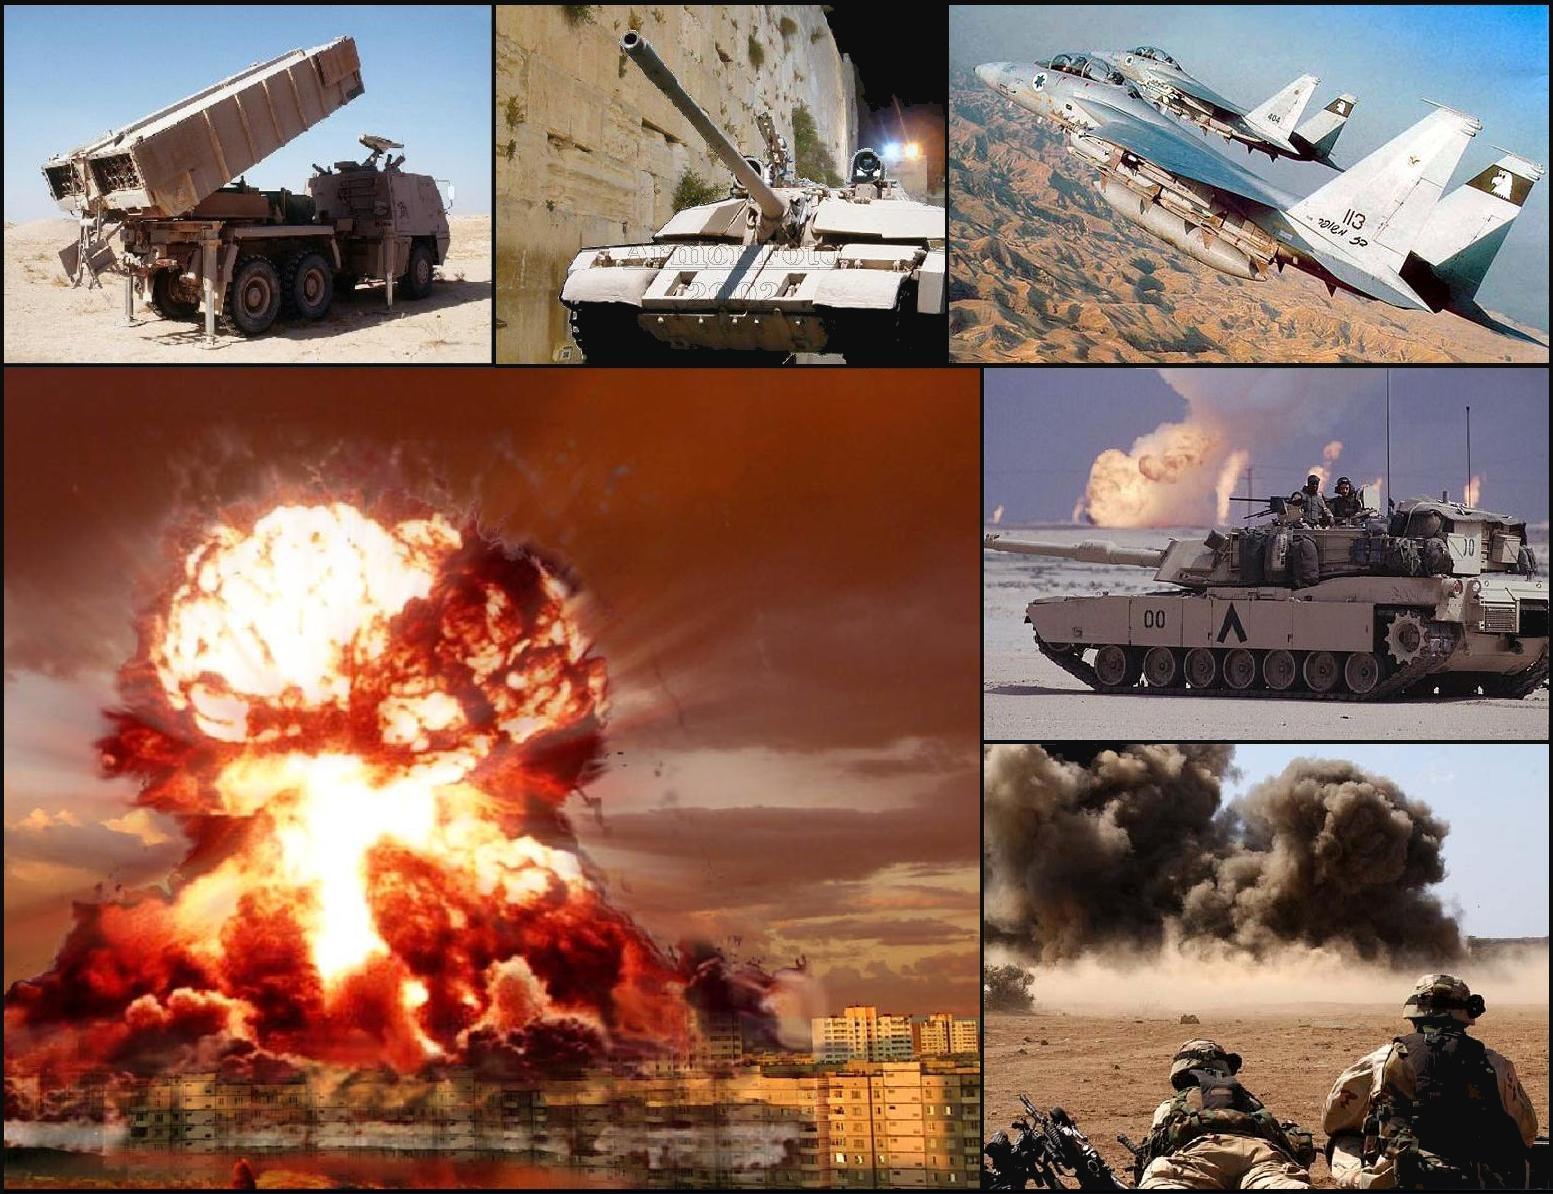 ماجرای تشکیل ارتش متحد عربی چیست؟|رمزگشایی از برنامه جدید آمریکا برای خاورمیانه